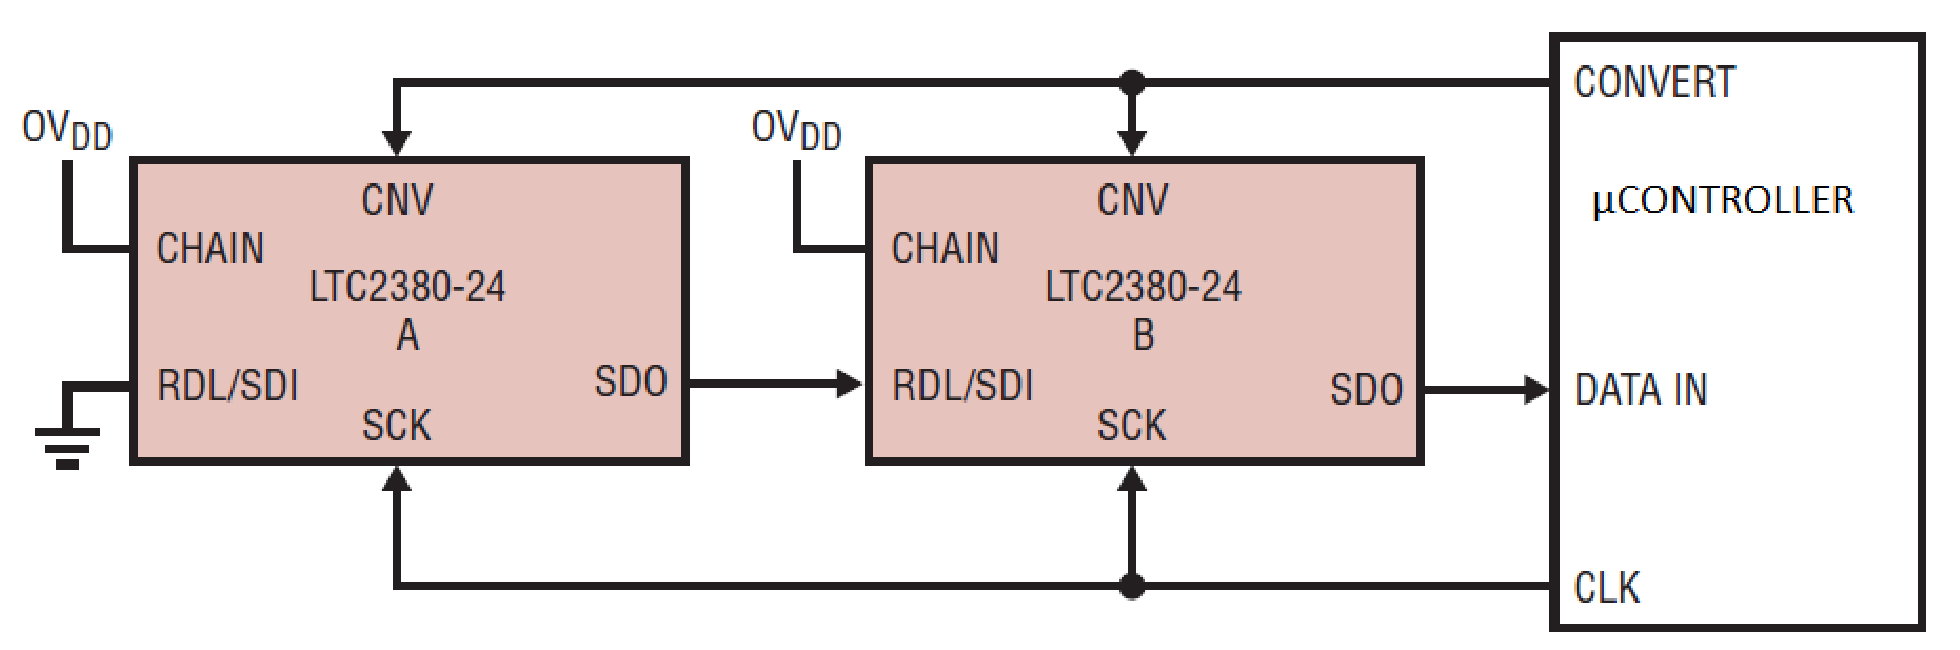 采用LTC2380-24转换器将分布式读取与链模...